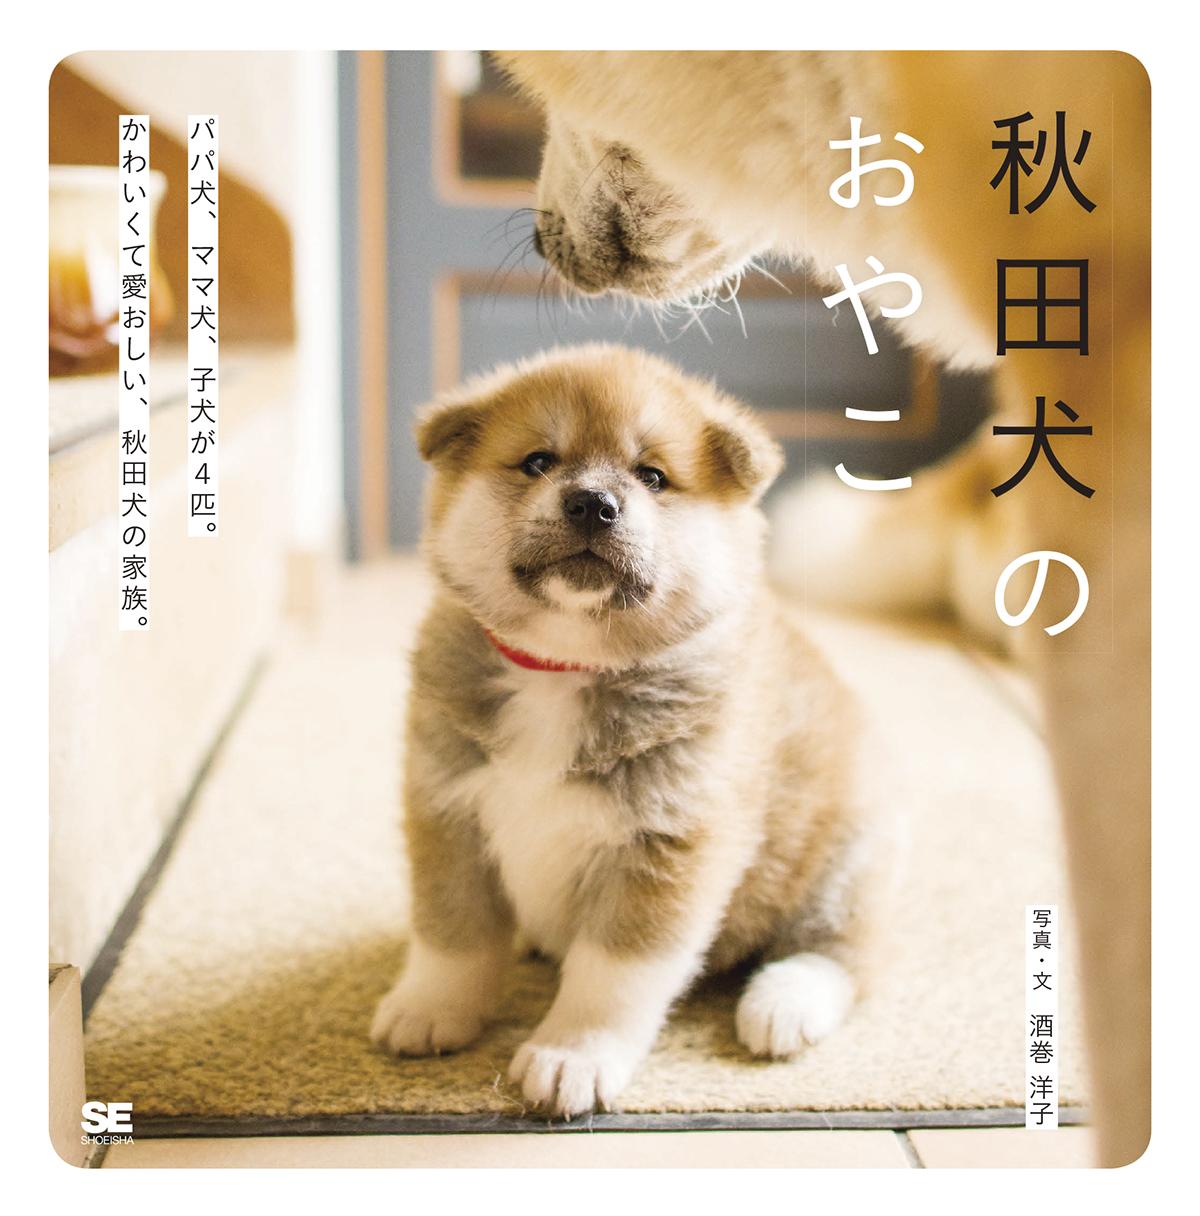 秋田犬のおやこ(翔泳社)